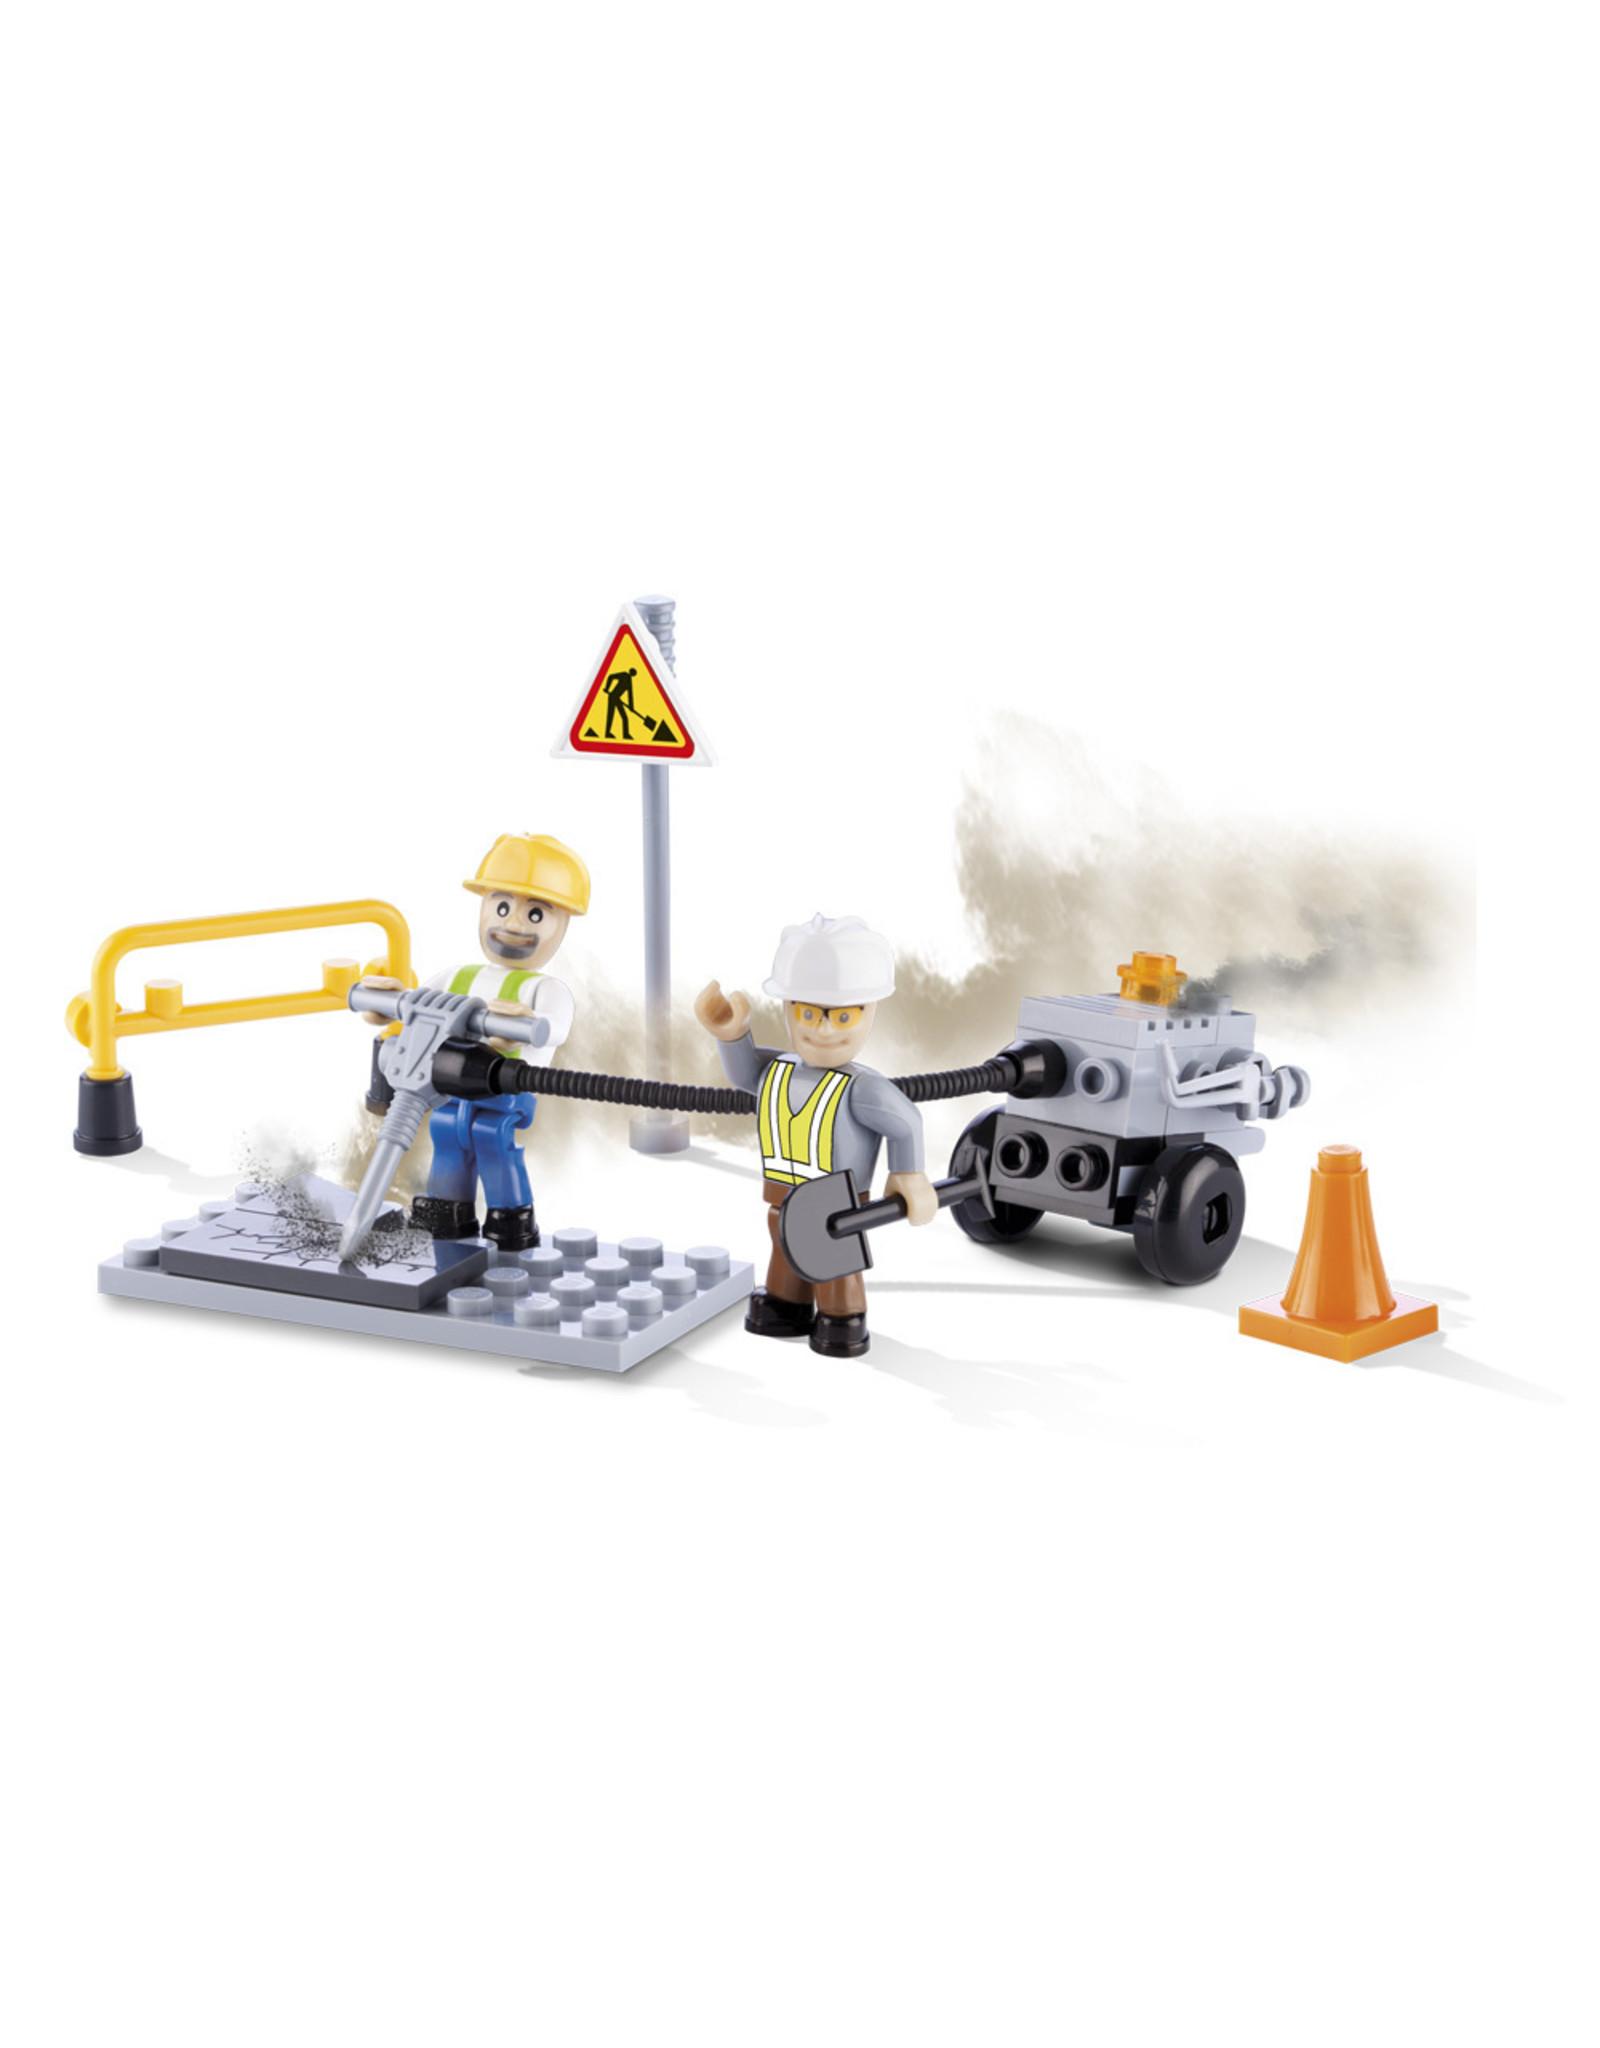 COBI COBI - Action Town 1660 - Road Works